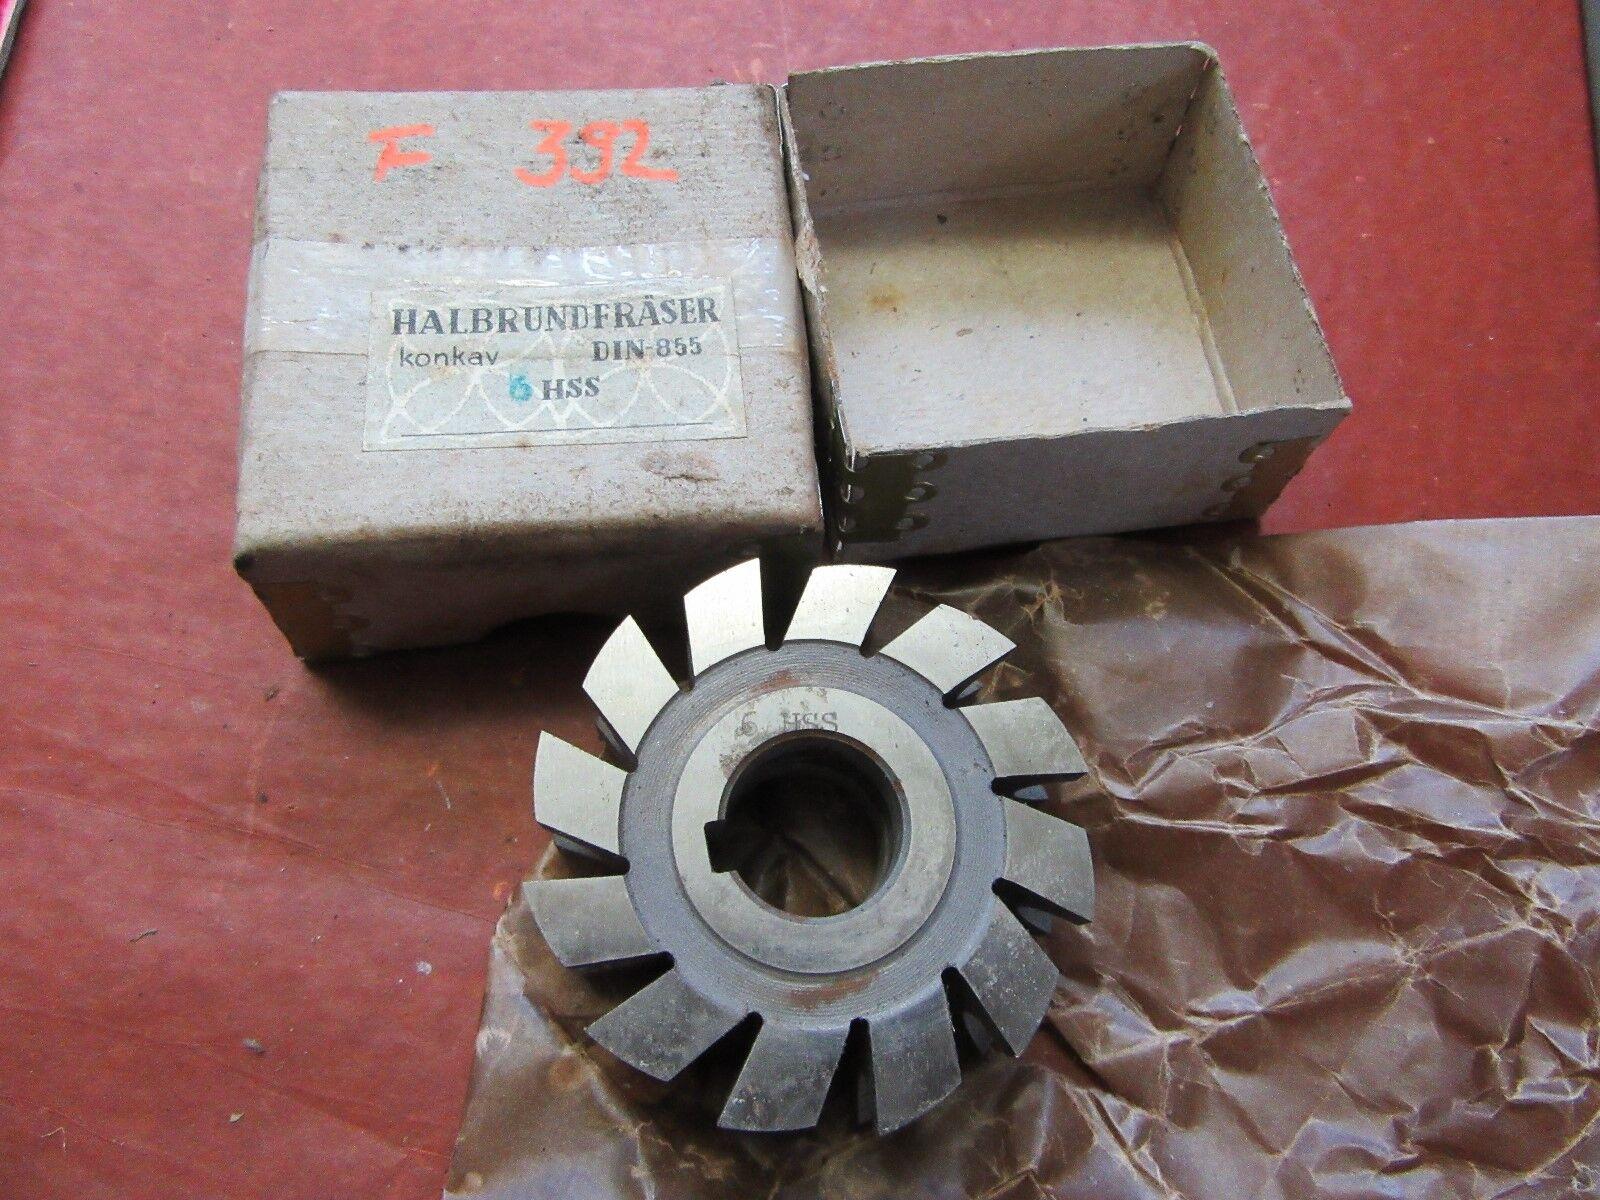 Halbkreisformfräser konvex  6HSS 70/24 Halbrundfräser Halbkreisfräser  #F392#